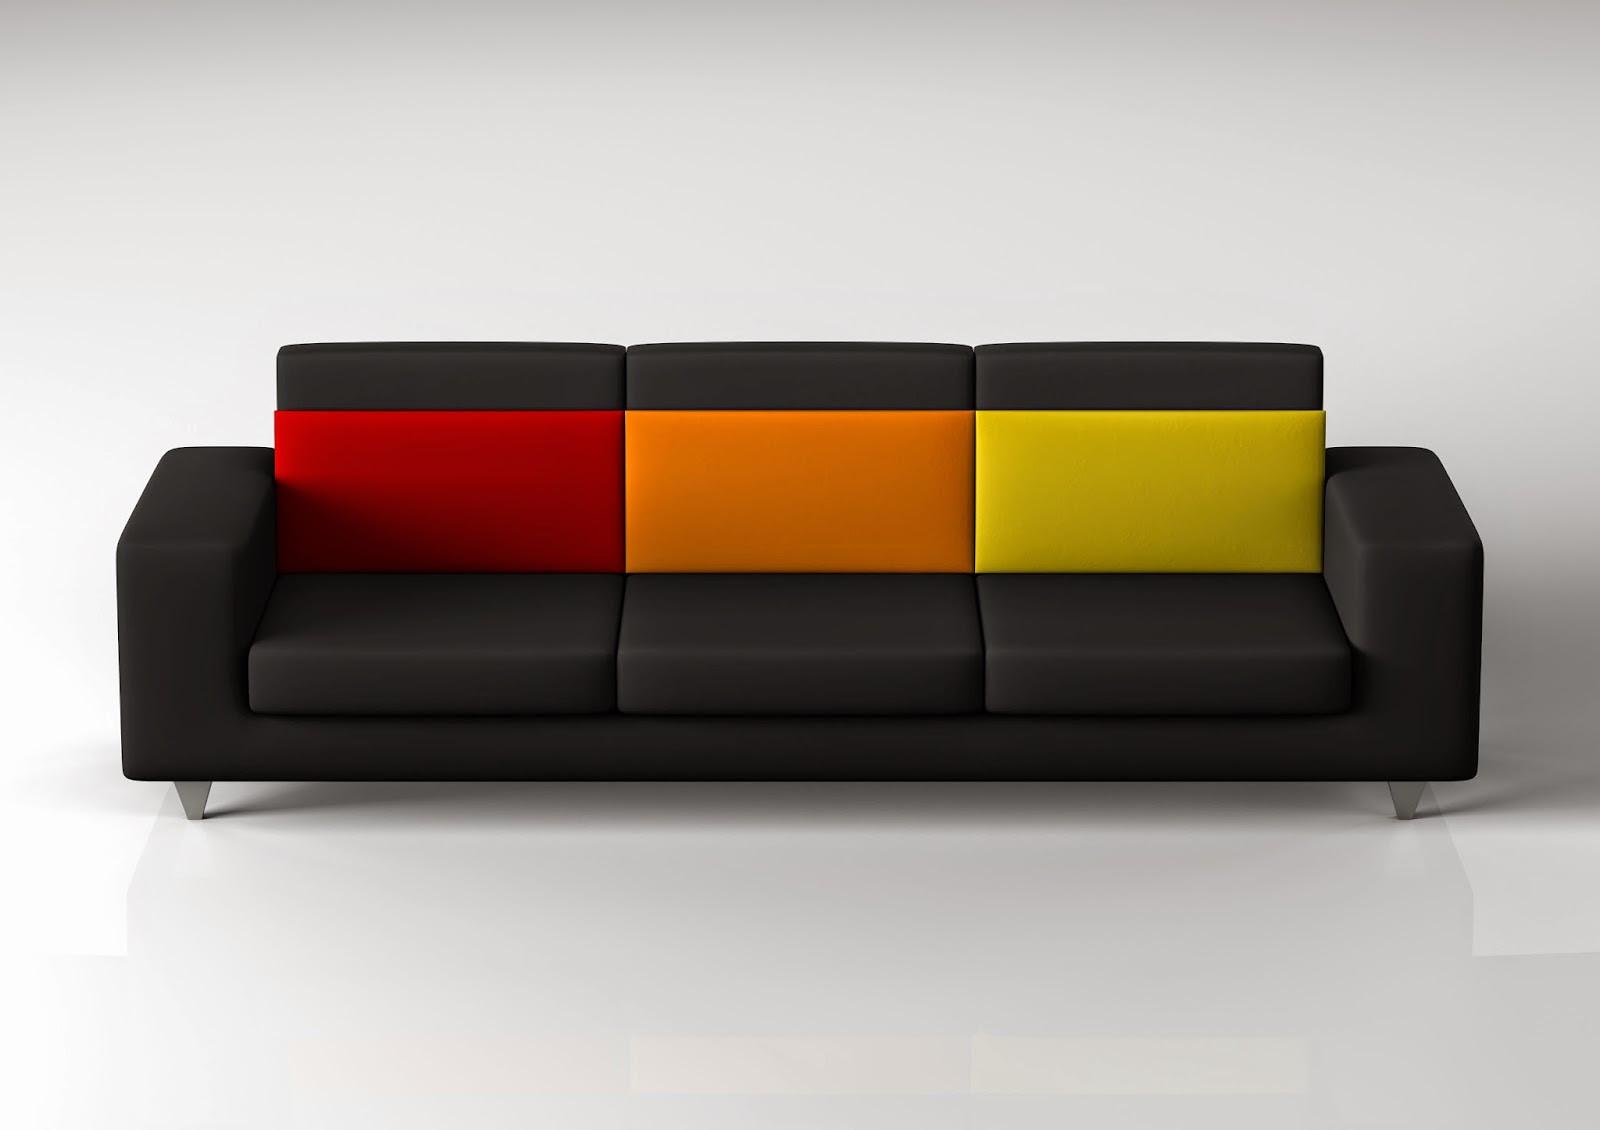 Ikea Canapés Convertibles Beau Photographie S 3 Design Mobilier Design Pas Cherml 2017 12